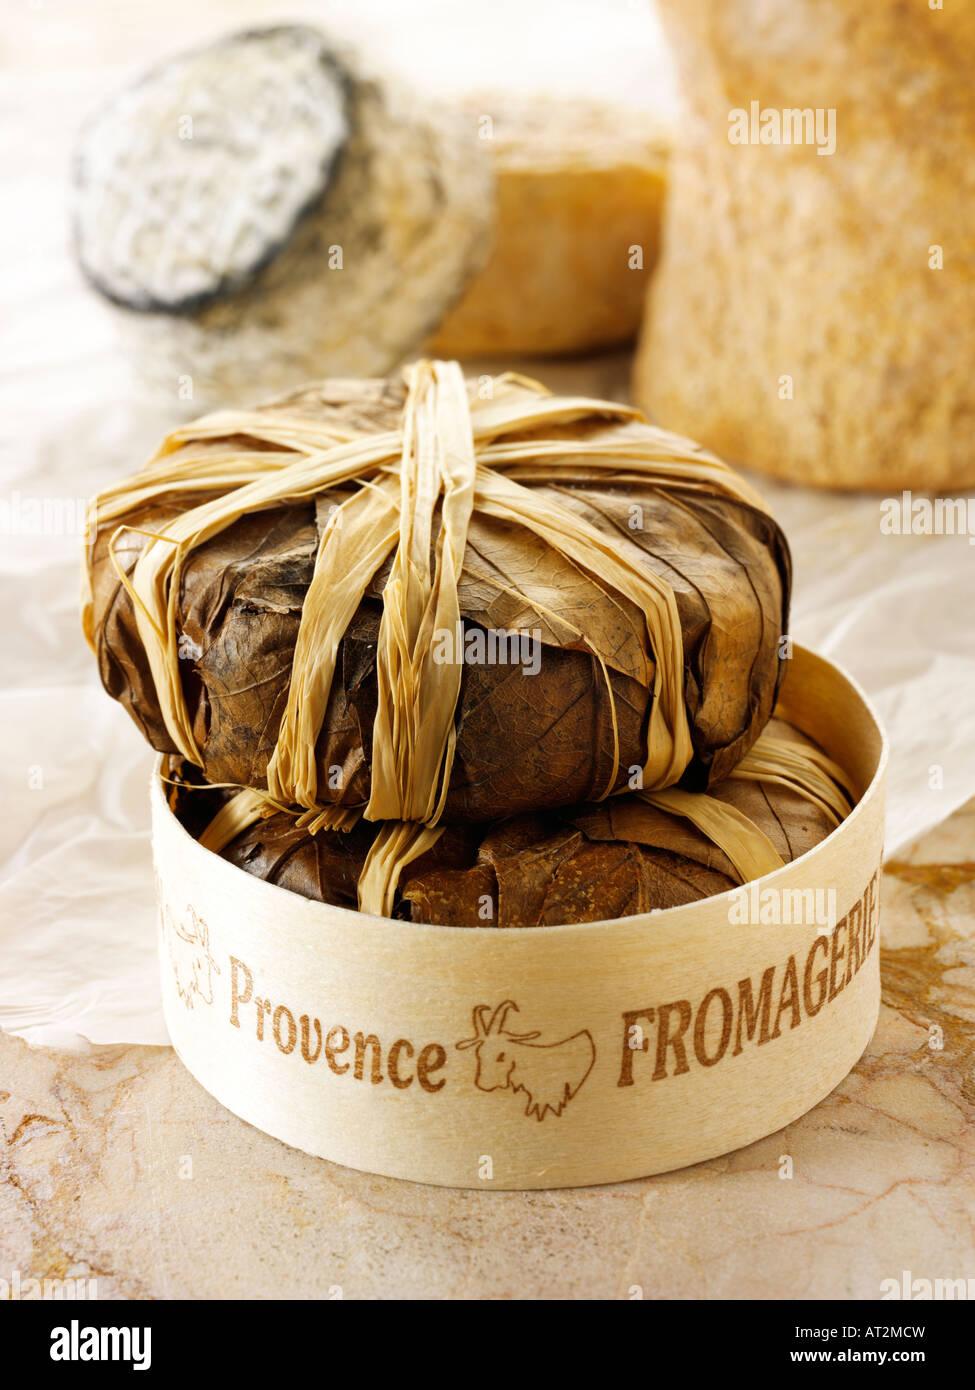 Francese morbido Bannon formaggio di capra dalla Provenza in foglie in un negozio di formaggi impostazione. Immagini Stock